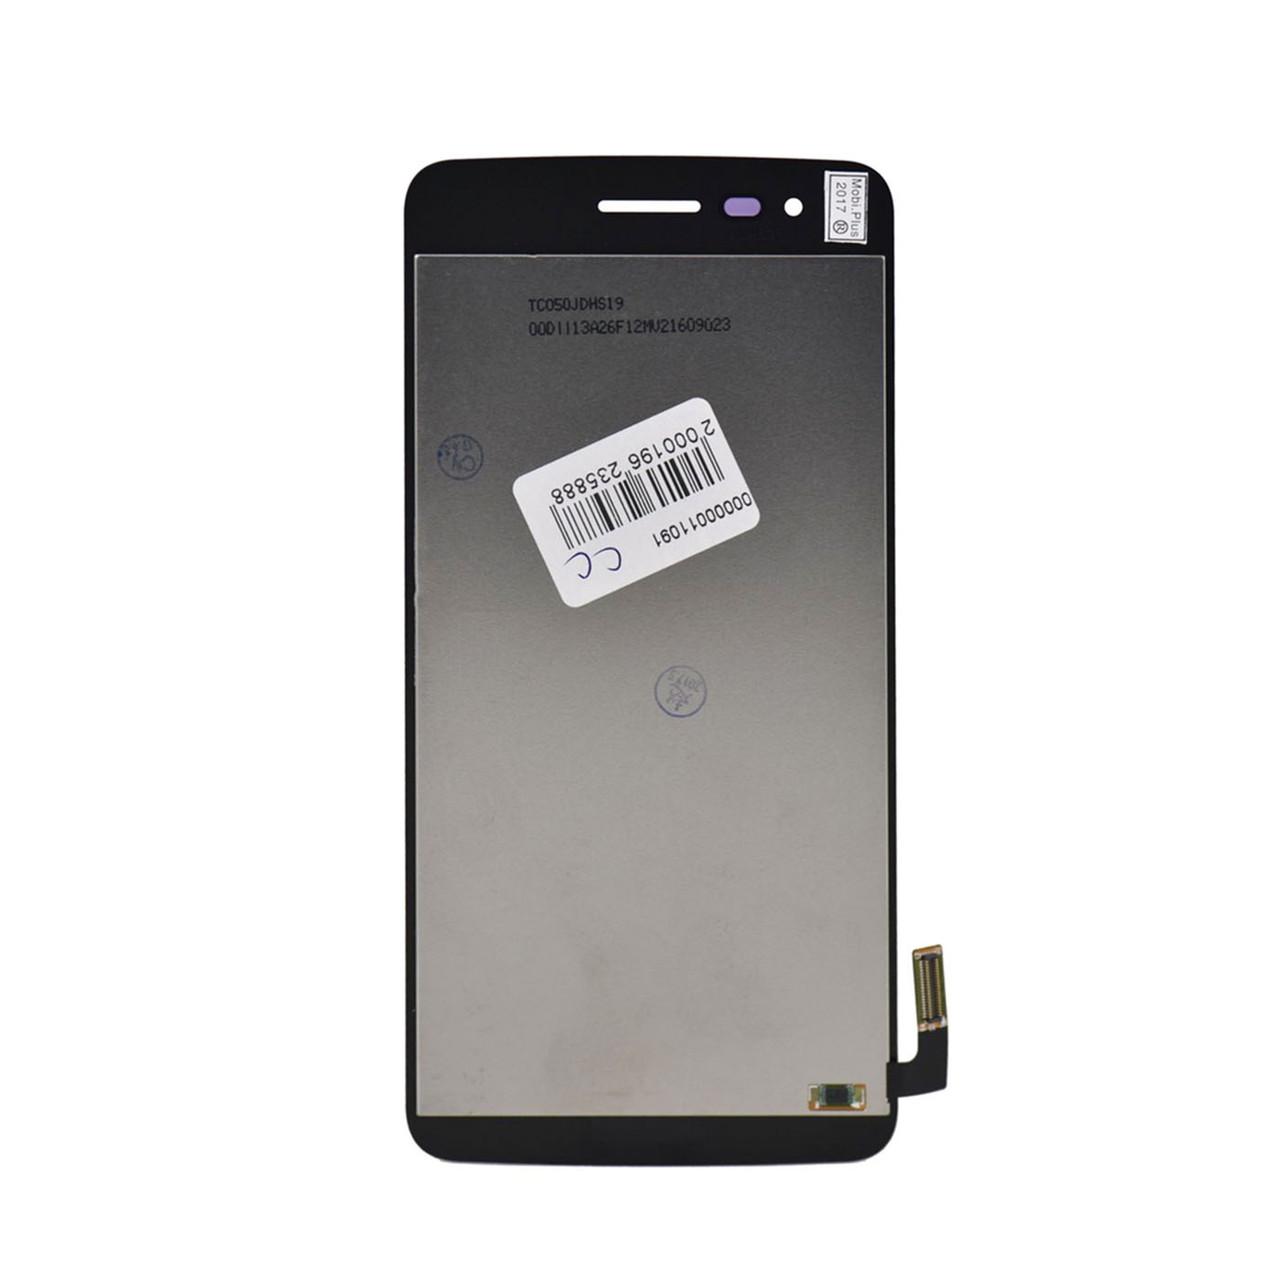 Дисплей LG K8 (2017) X240 в сборе Black (33)